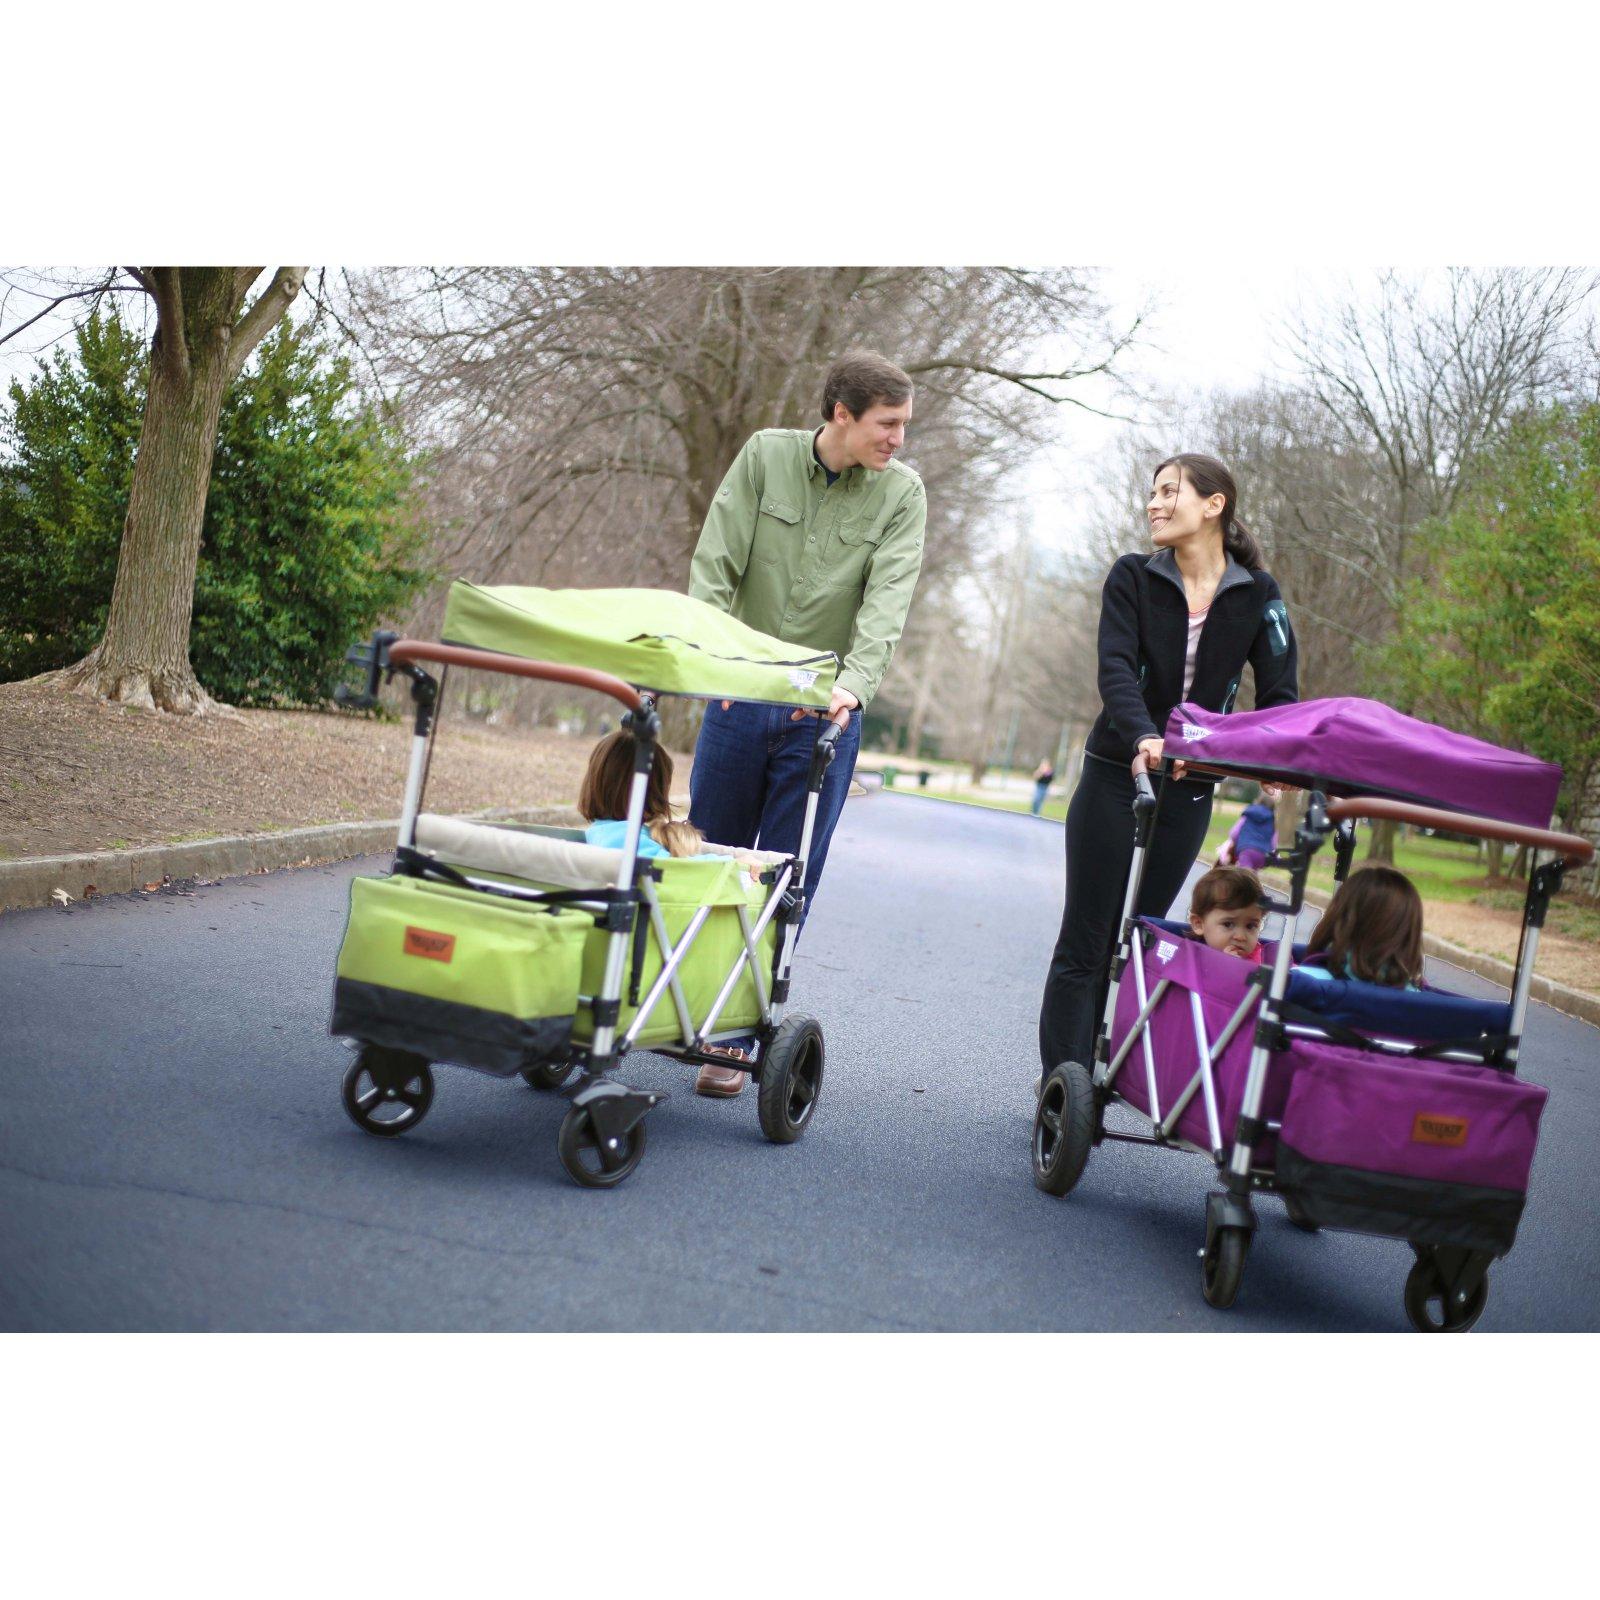 fee52c9f419185 Keenz Original 7 Stroller Wagon - keenz stroller wagon buy